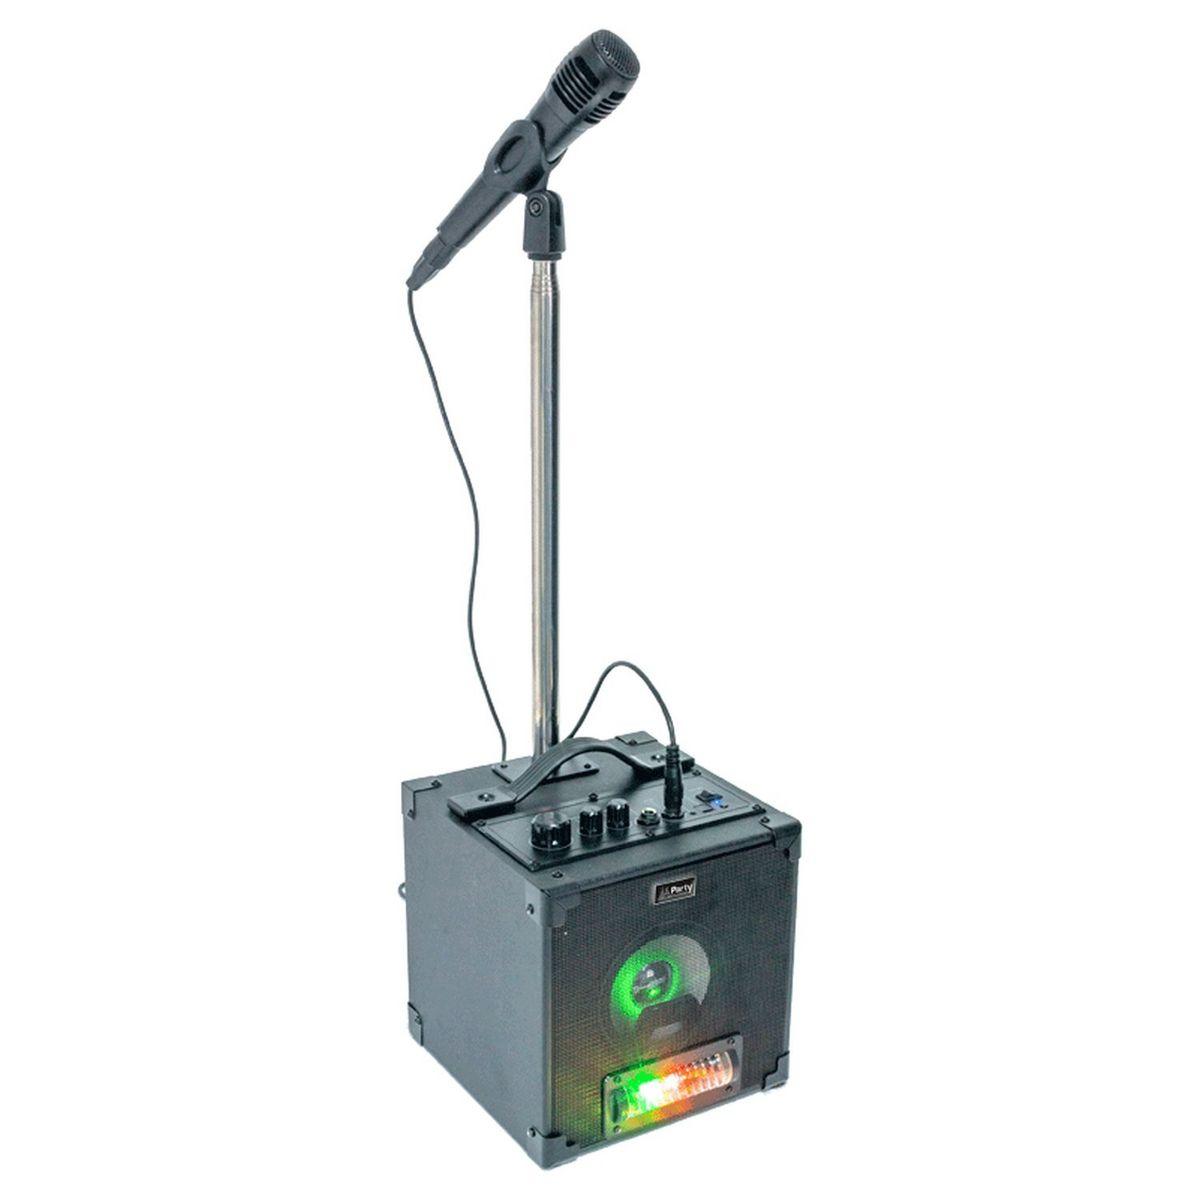 Kit Karaoké actif avec effet lumière, micro et pied - Noir - Party